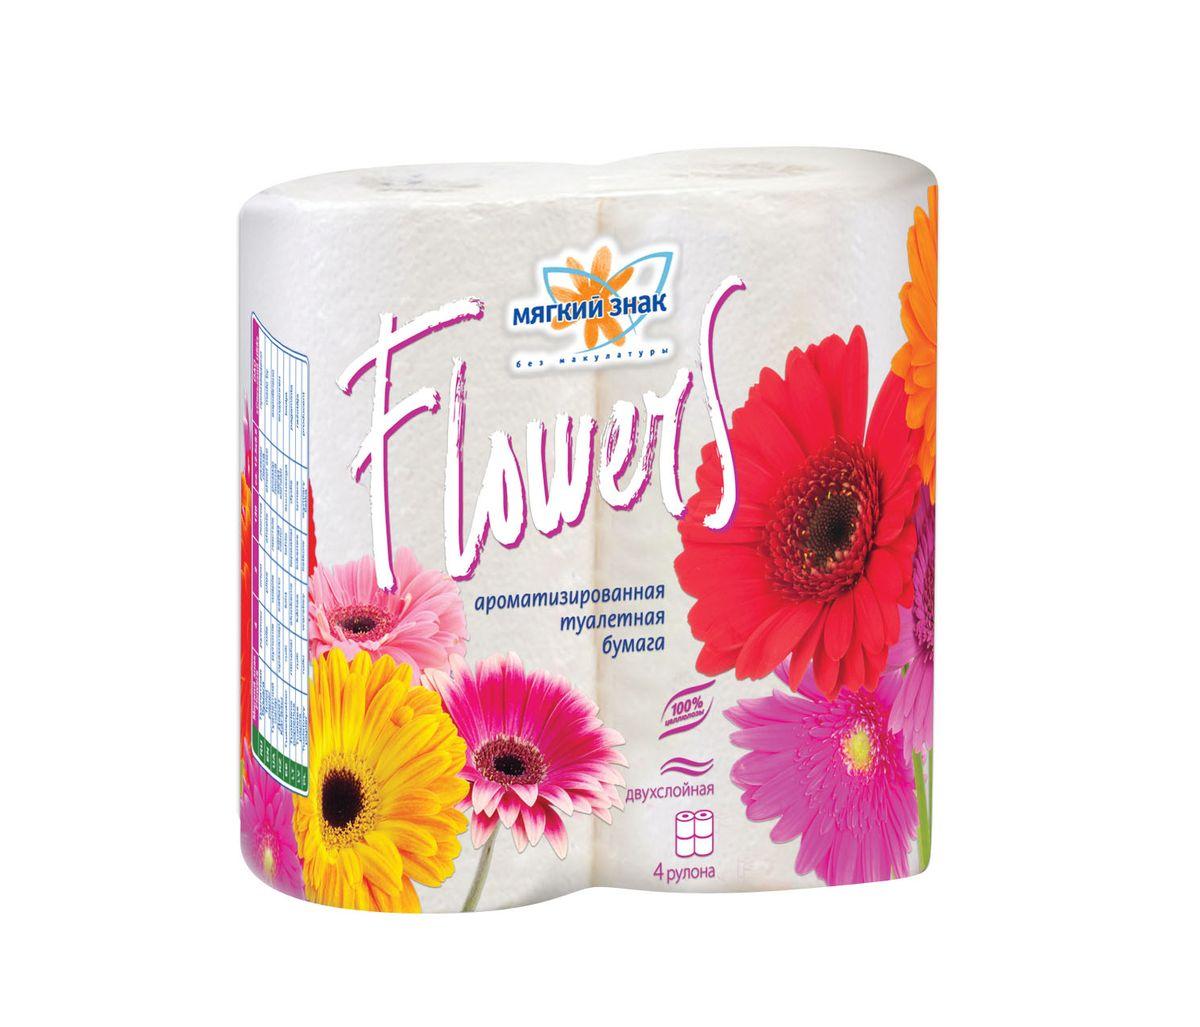 Туалетная бумага Мягкий знак Flowers, ароматизированная, двухслойная, цвет: белый, 4 рулона391602Ароматизированная туалетная бумага Мягкий знак Flowers обладает нежным цветочным ароматом. Двухслойная туалетная бумага мягкая, нежная, но в тоже время прочная, с отрывом по линии перфорации.Количество листов: 185 шт. Количество слоев: 2. Размер листа: 12,5 см х 9,6 см. Состав: 100% целлюлоза, ароматизатор.